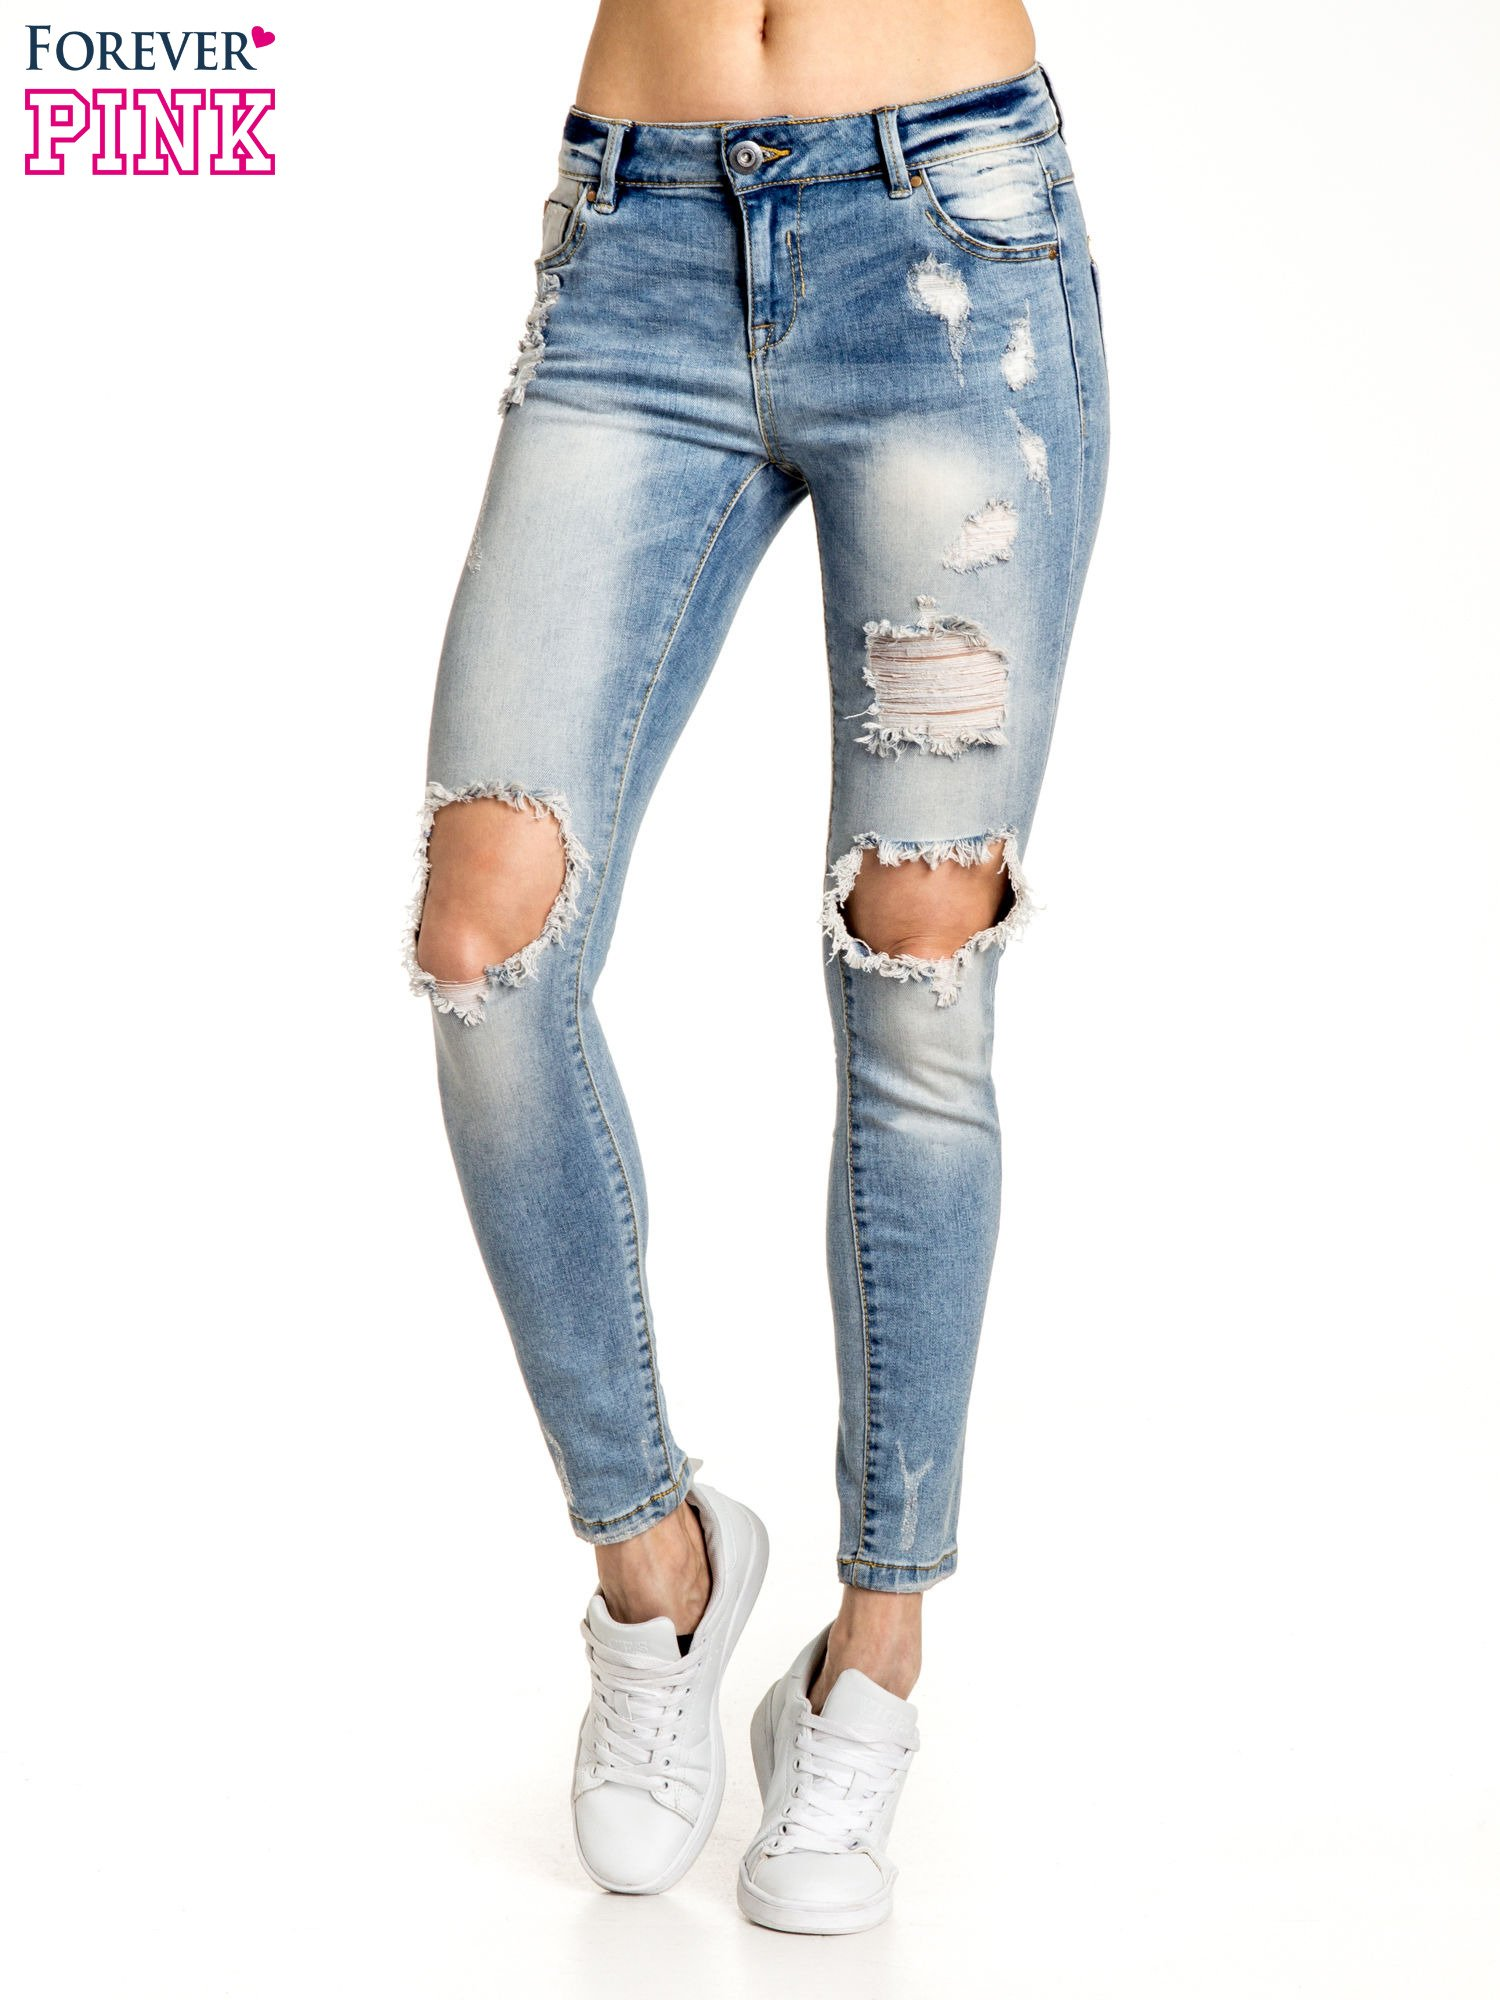 Jasnoniebieskie spodnie skinny jeans ripped knee                                  zdj.                                  1